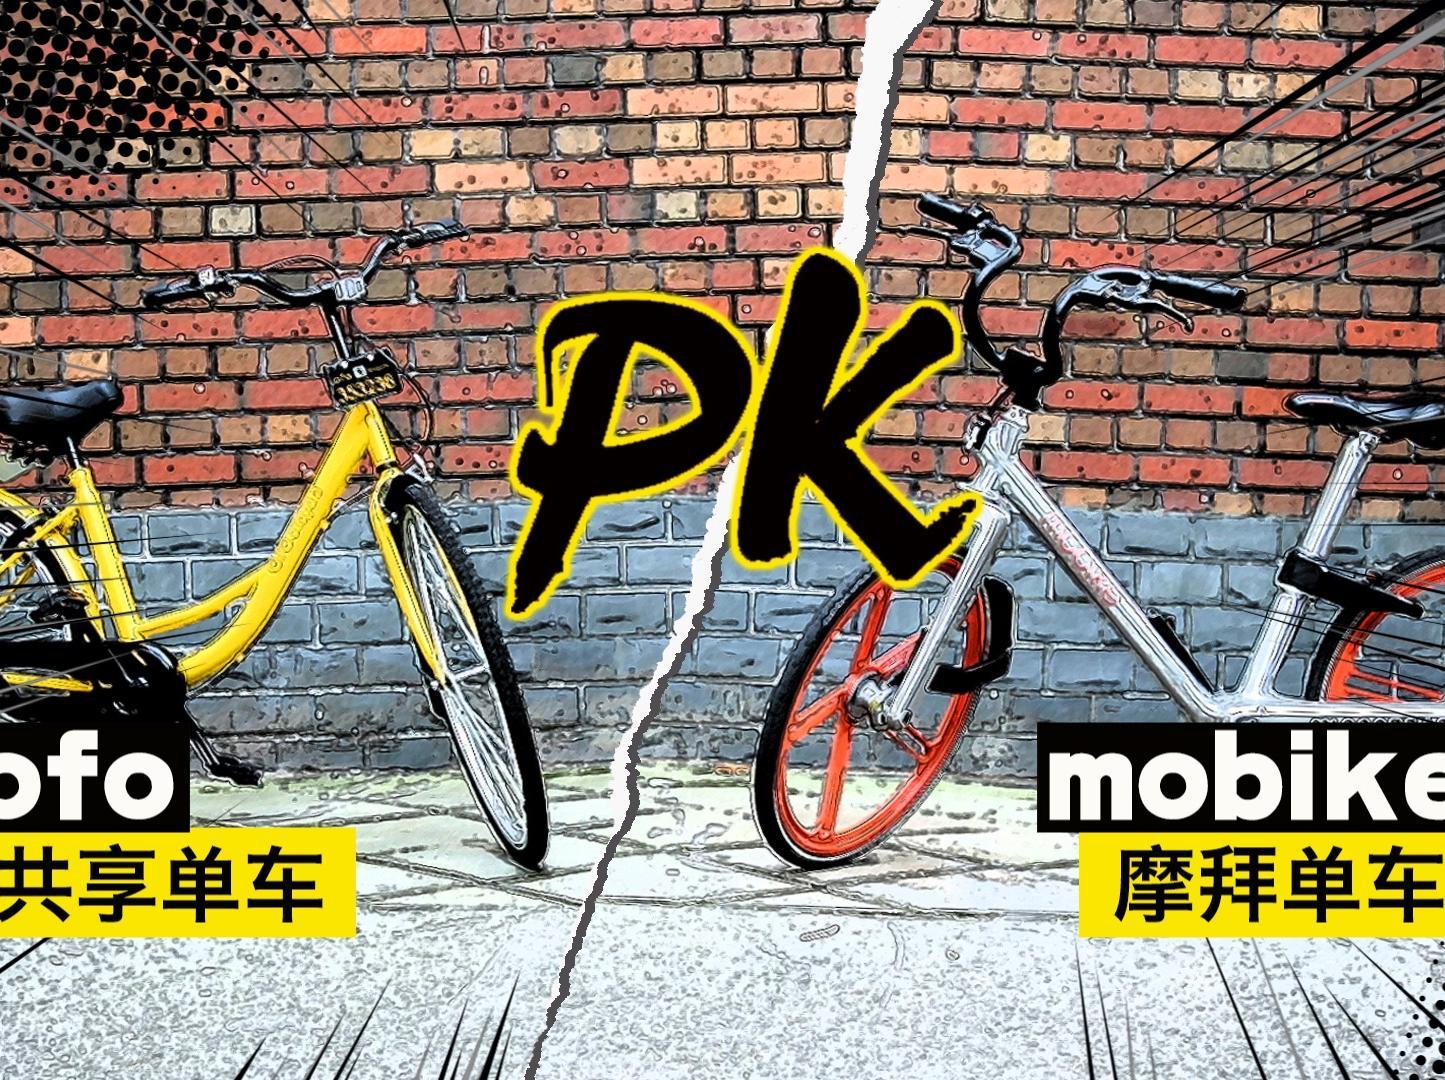 共享单车将洗牌:ofo押金翻倍,摩拜封账号?